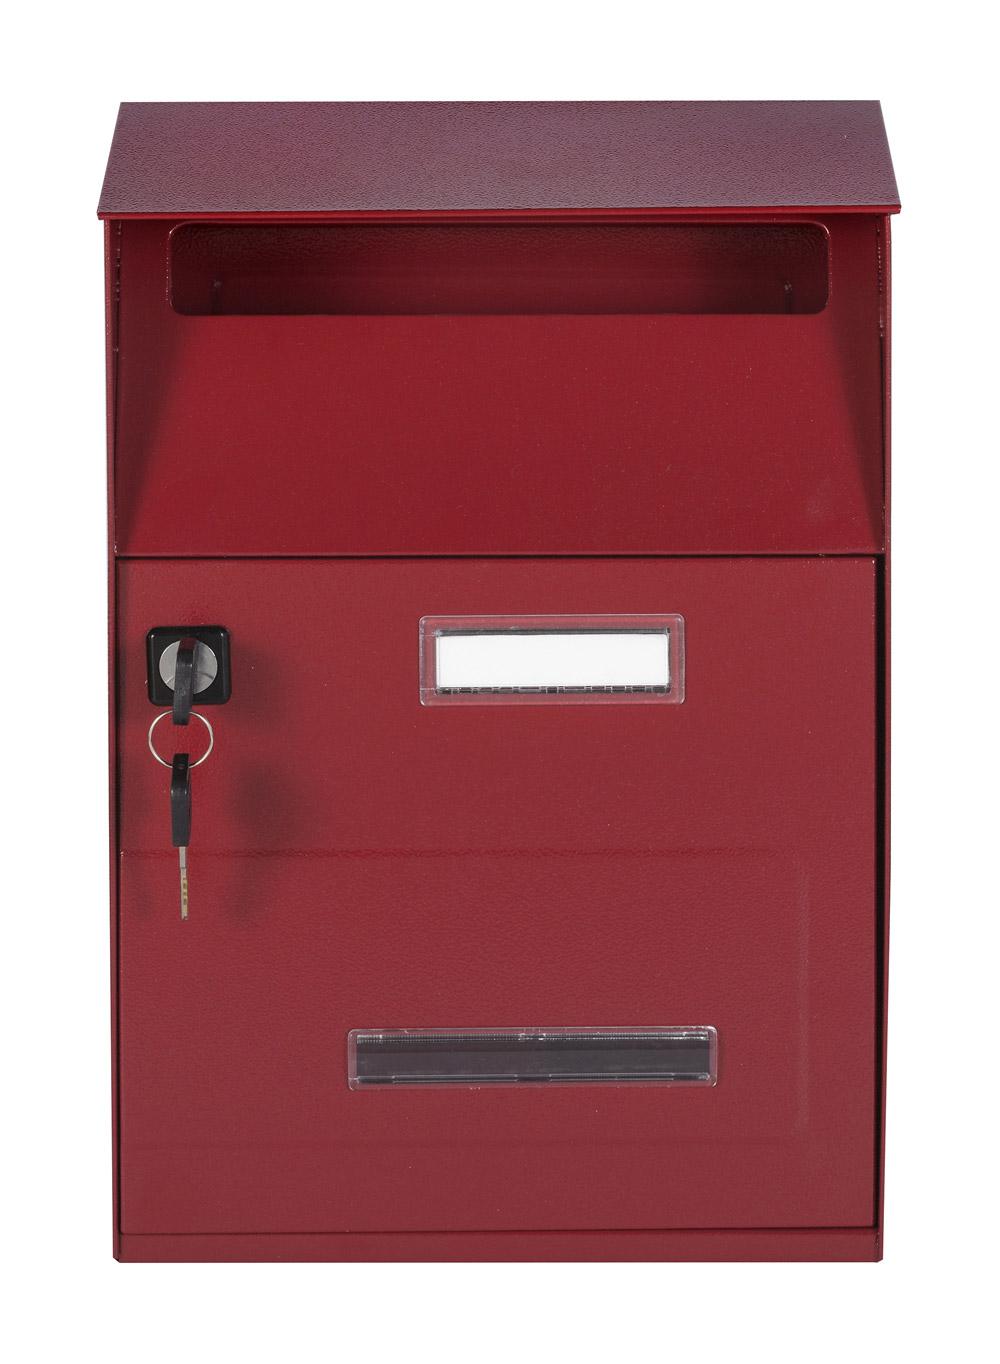 תיבת דואר חד צדדית על הקיר